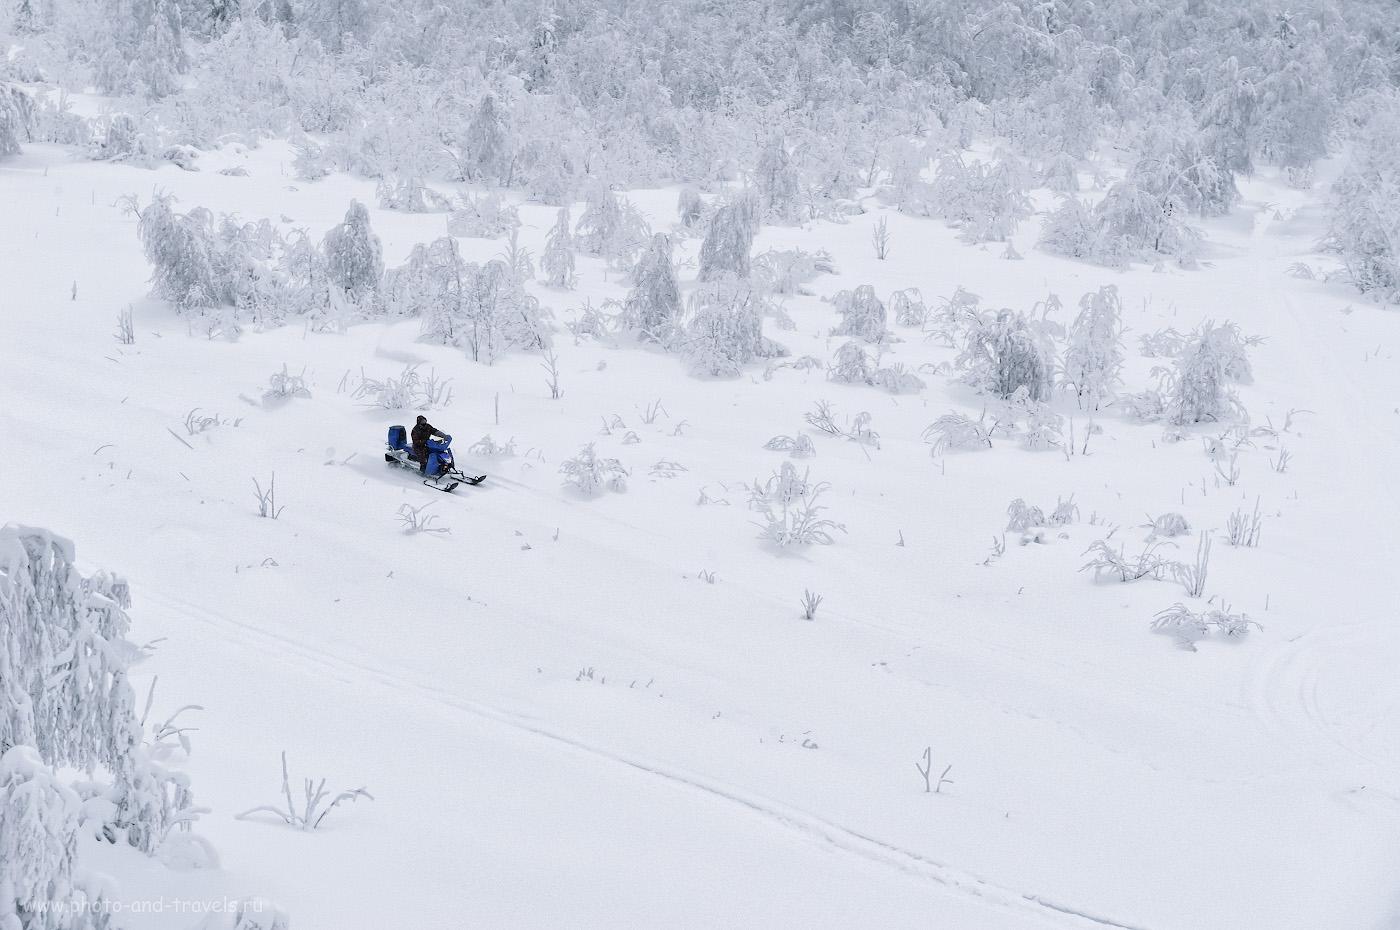 Фотография 10. Снегоход на поляне у горы Крестовая. Как мы отправились в поездку выходного дня по Пермскому краю. 1/160, 10.0, 800, +1.67, 70.